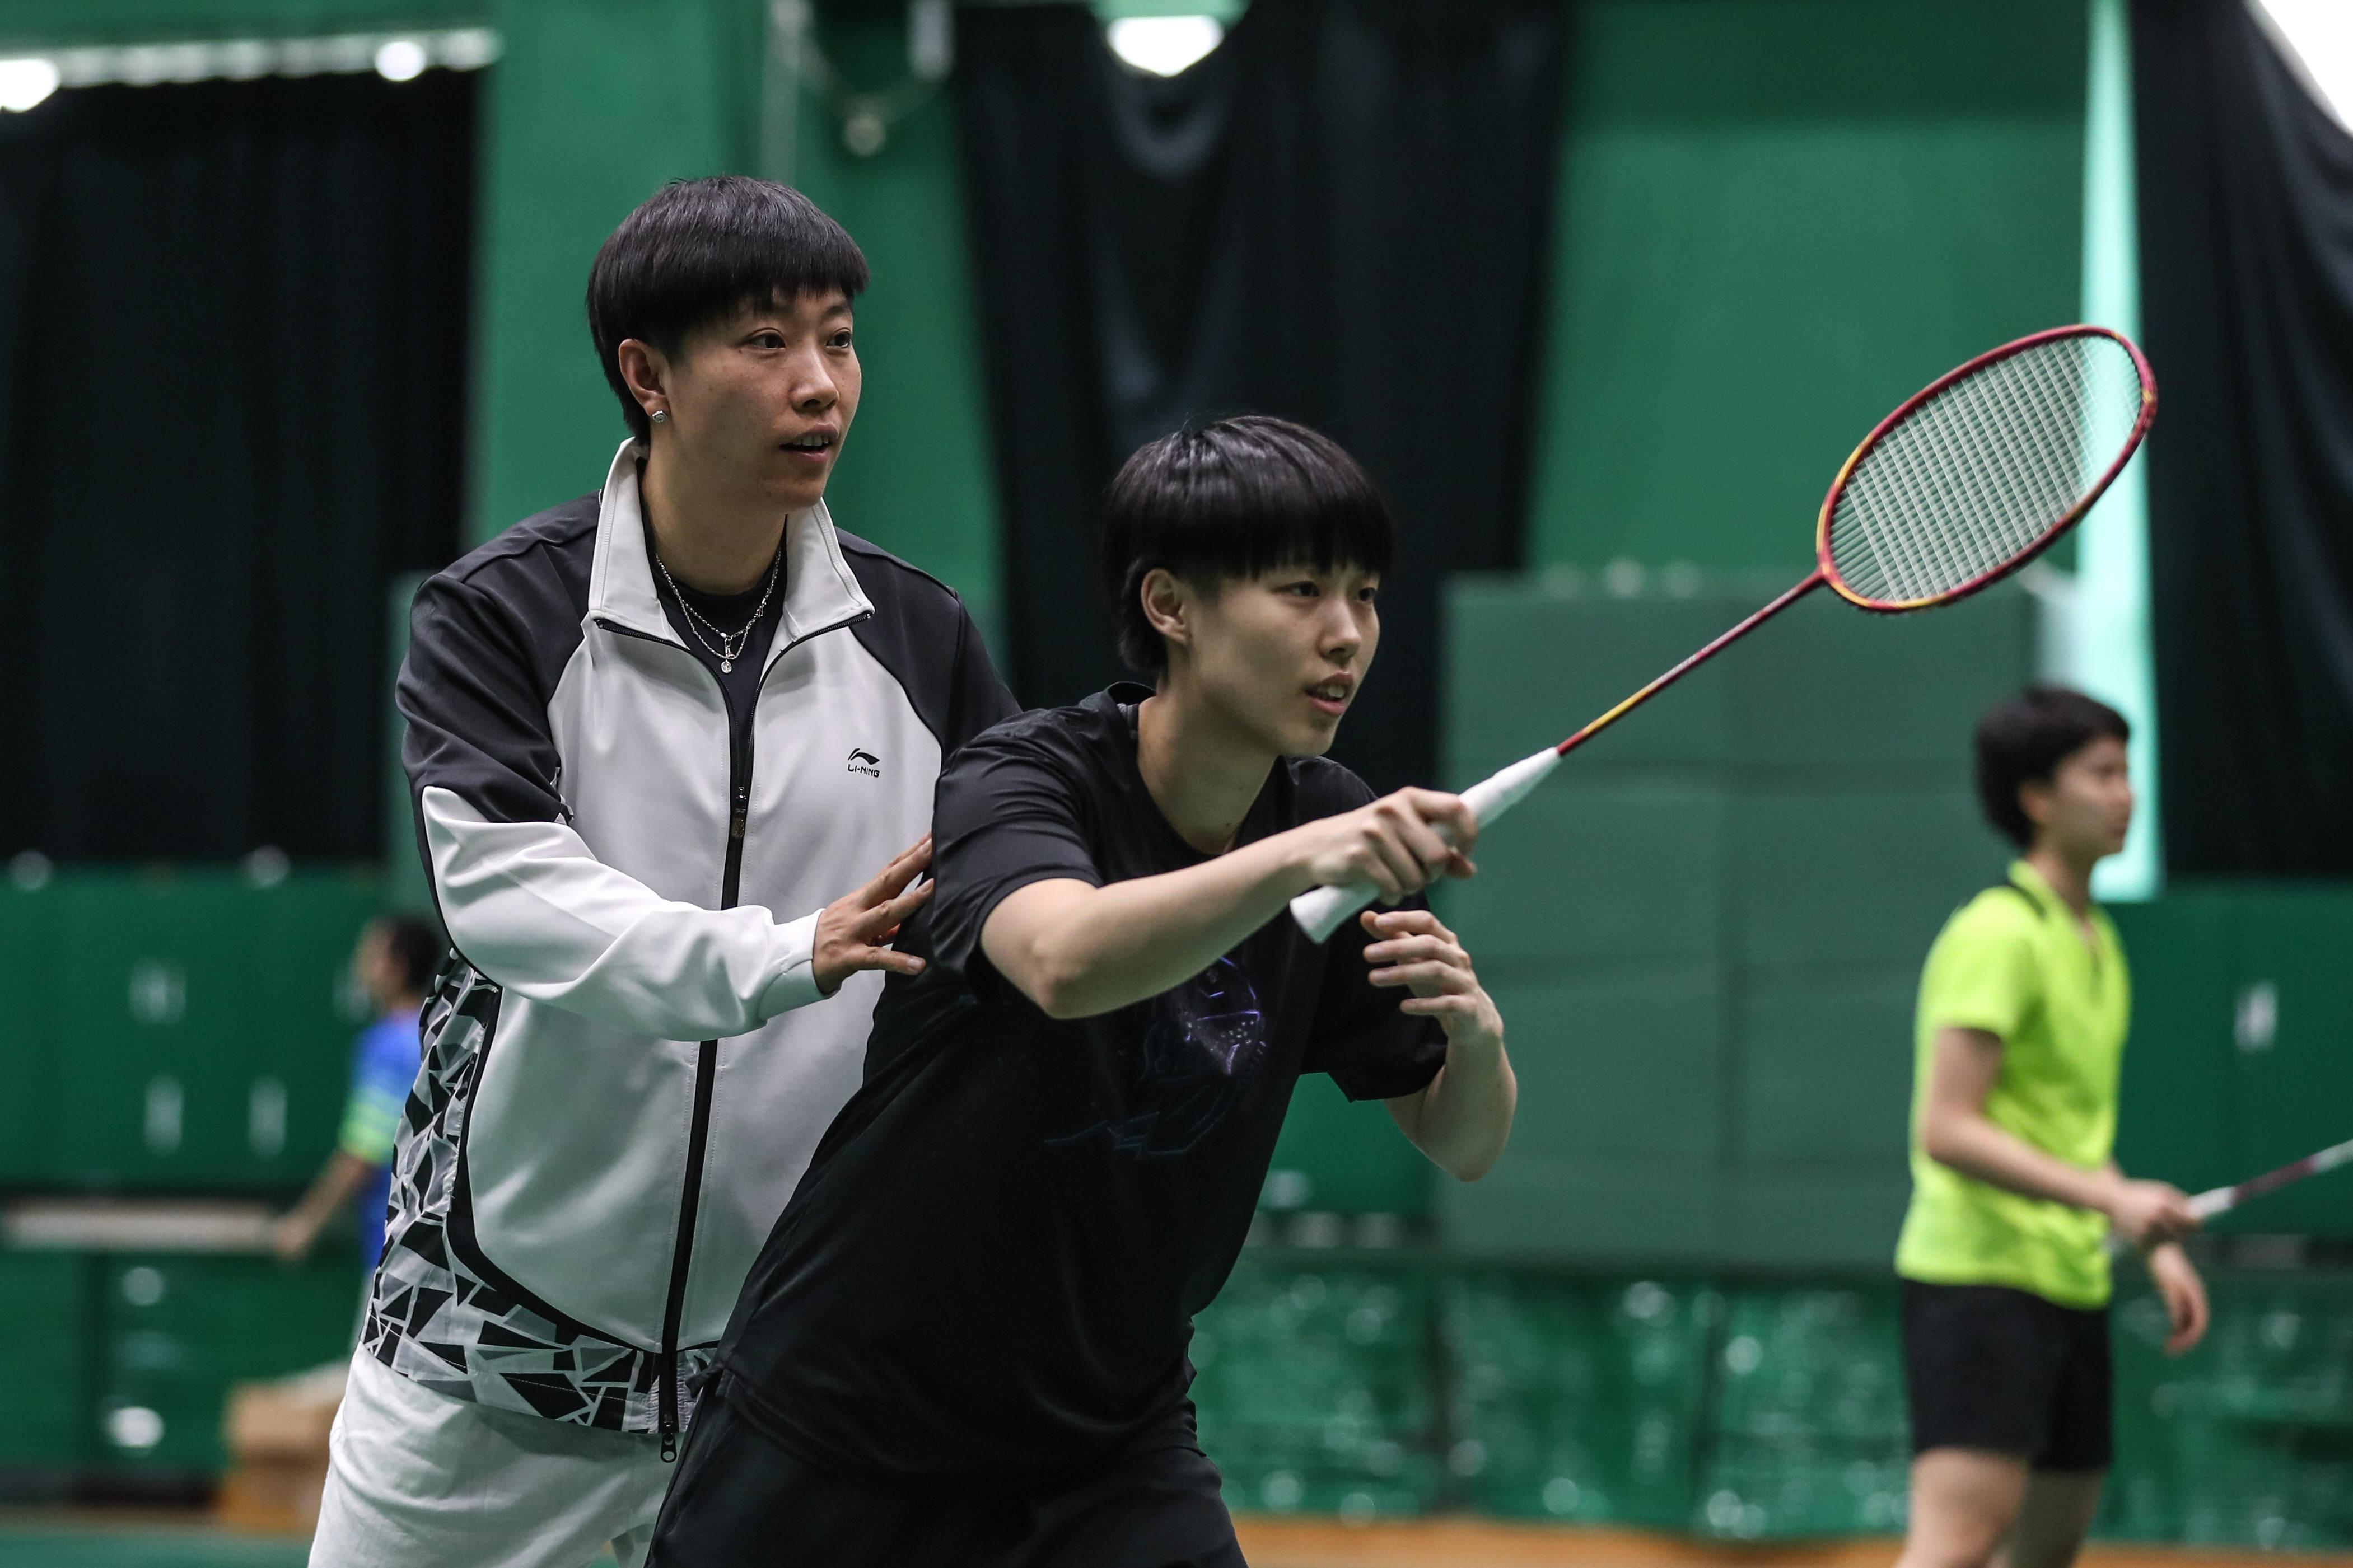 羽毛球——辽宁省羽毛球队进行公开训练